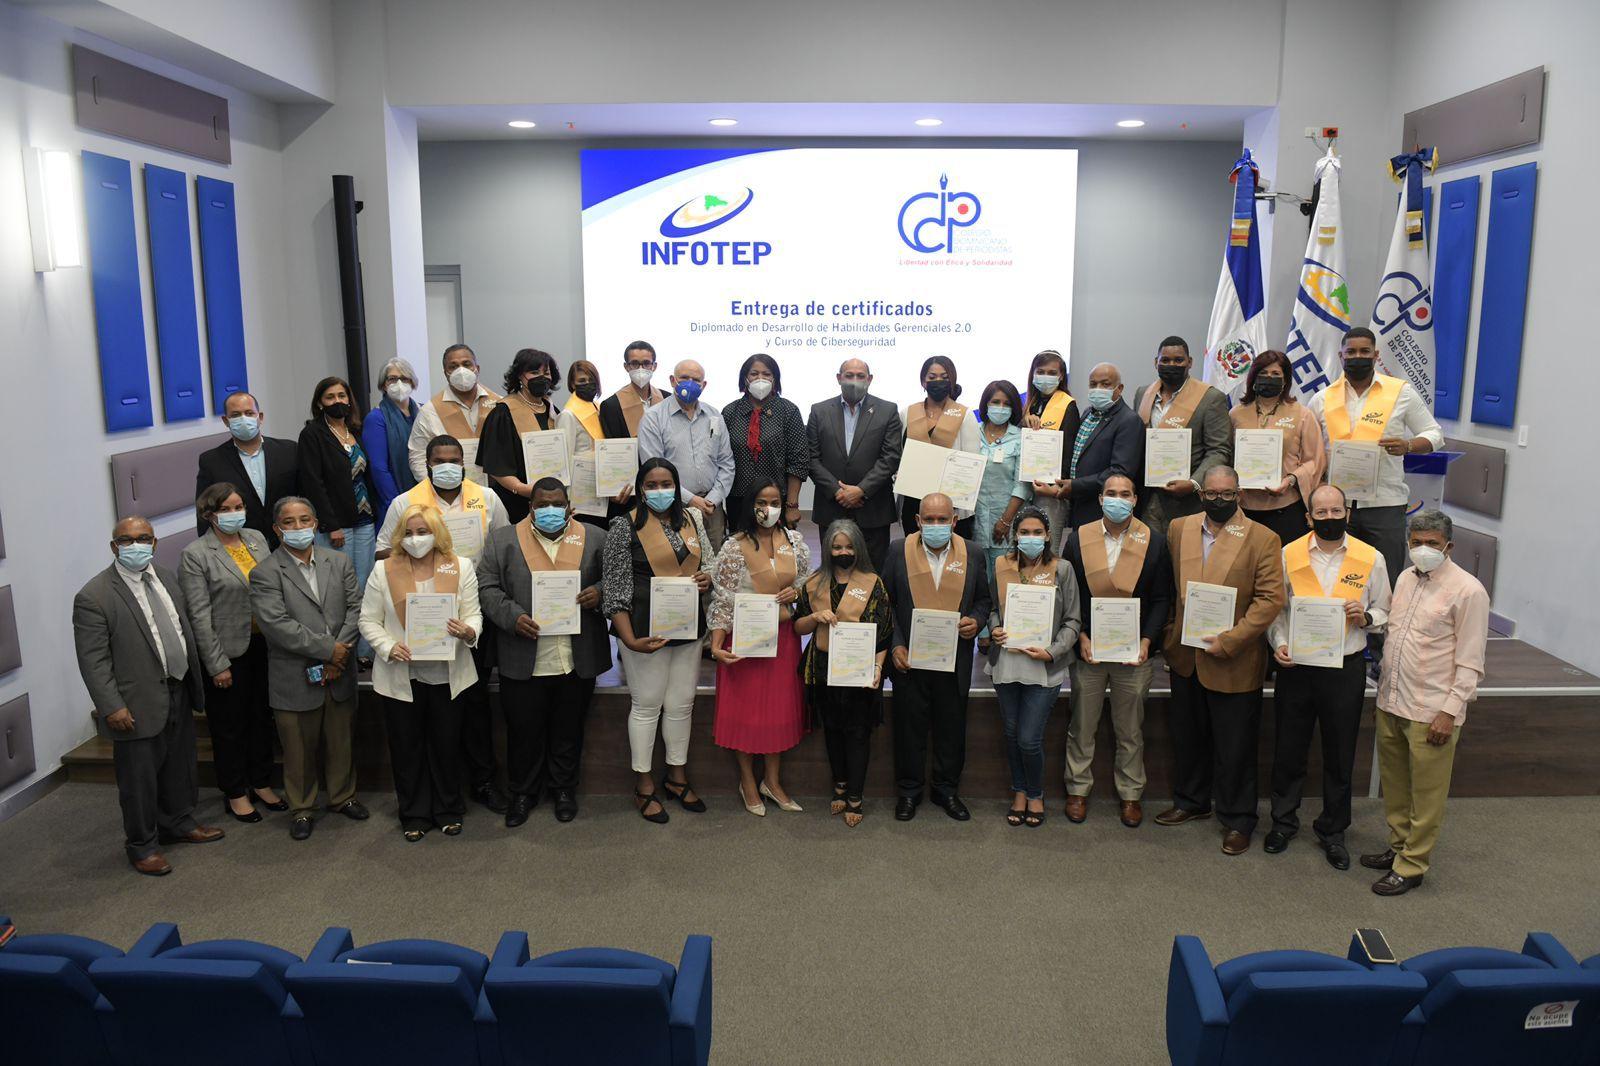 INFOTEP y CDP entregan certificados a periodistas egresados de capacitación técnico-profesional